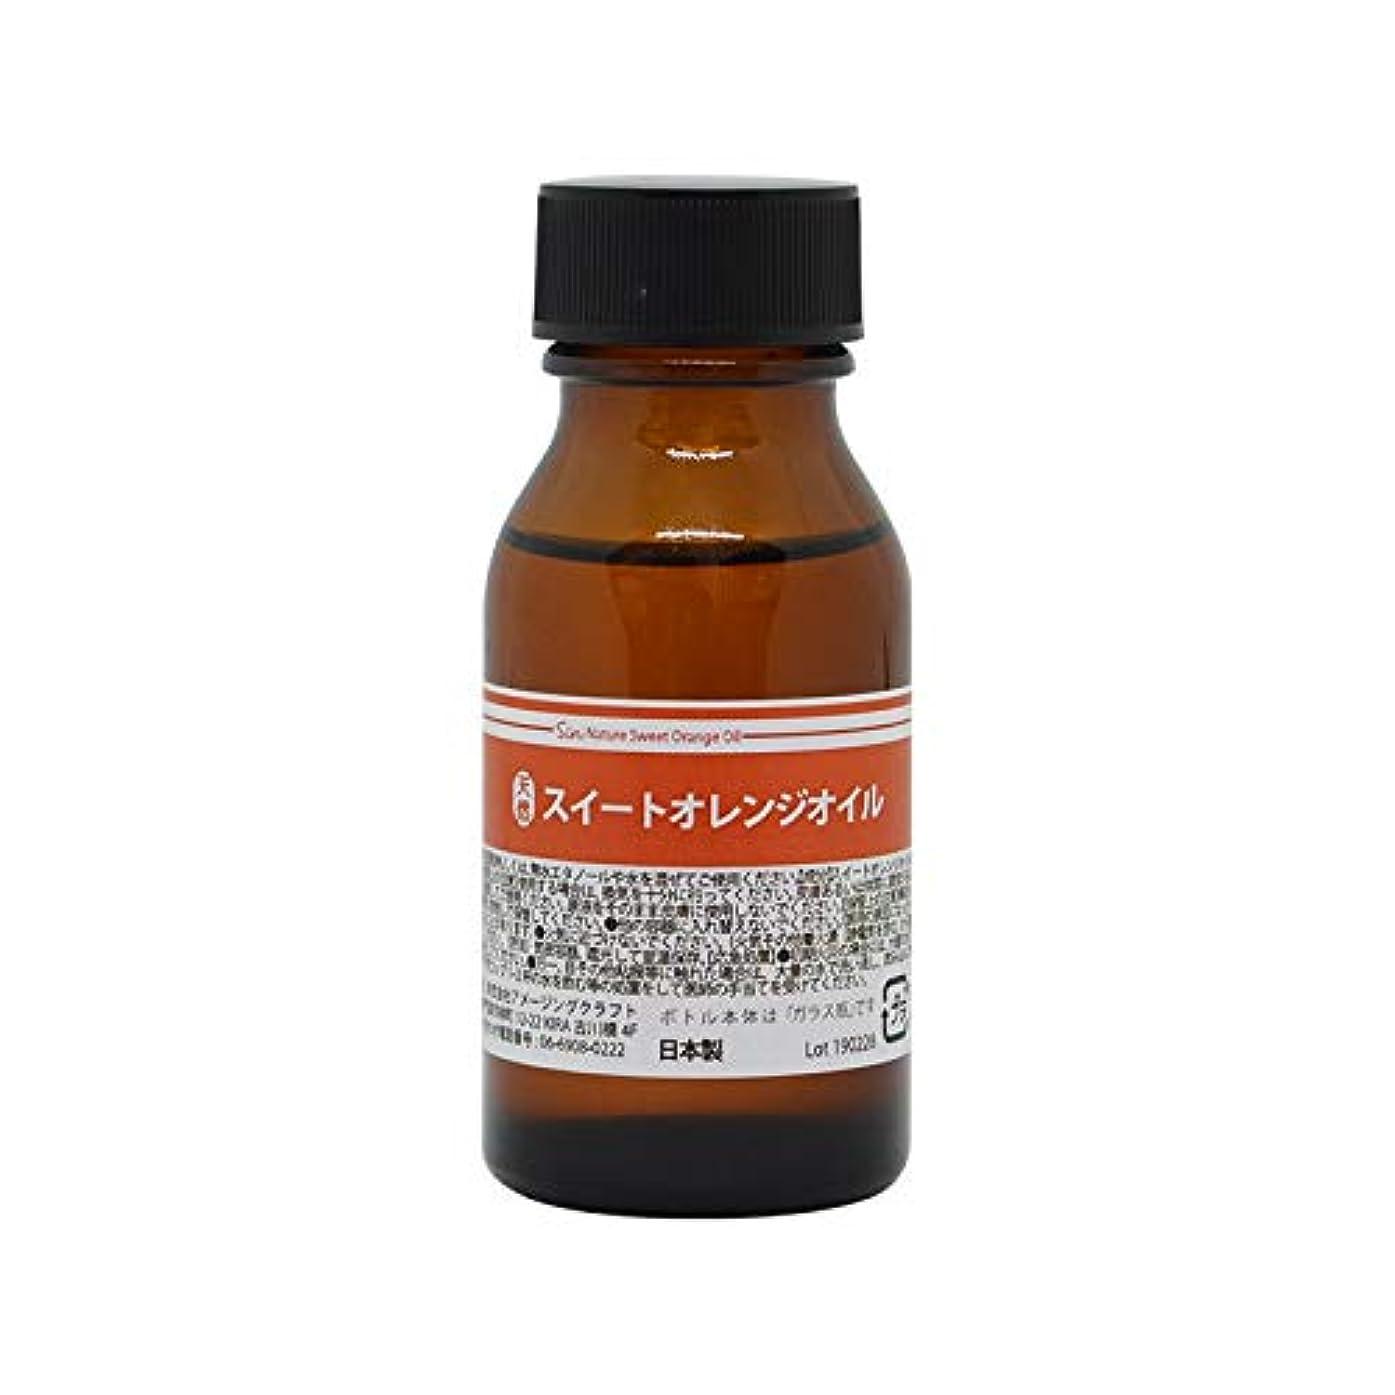 円形のアンペア曲げる天然100% スイートオレンジオイル 50ml (オレンジスイート) エッセンシャルオイル